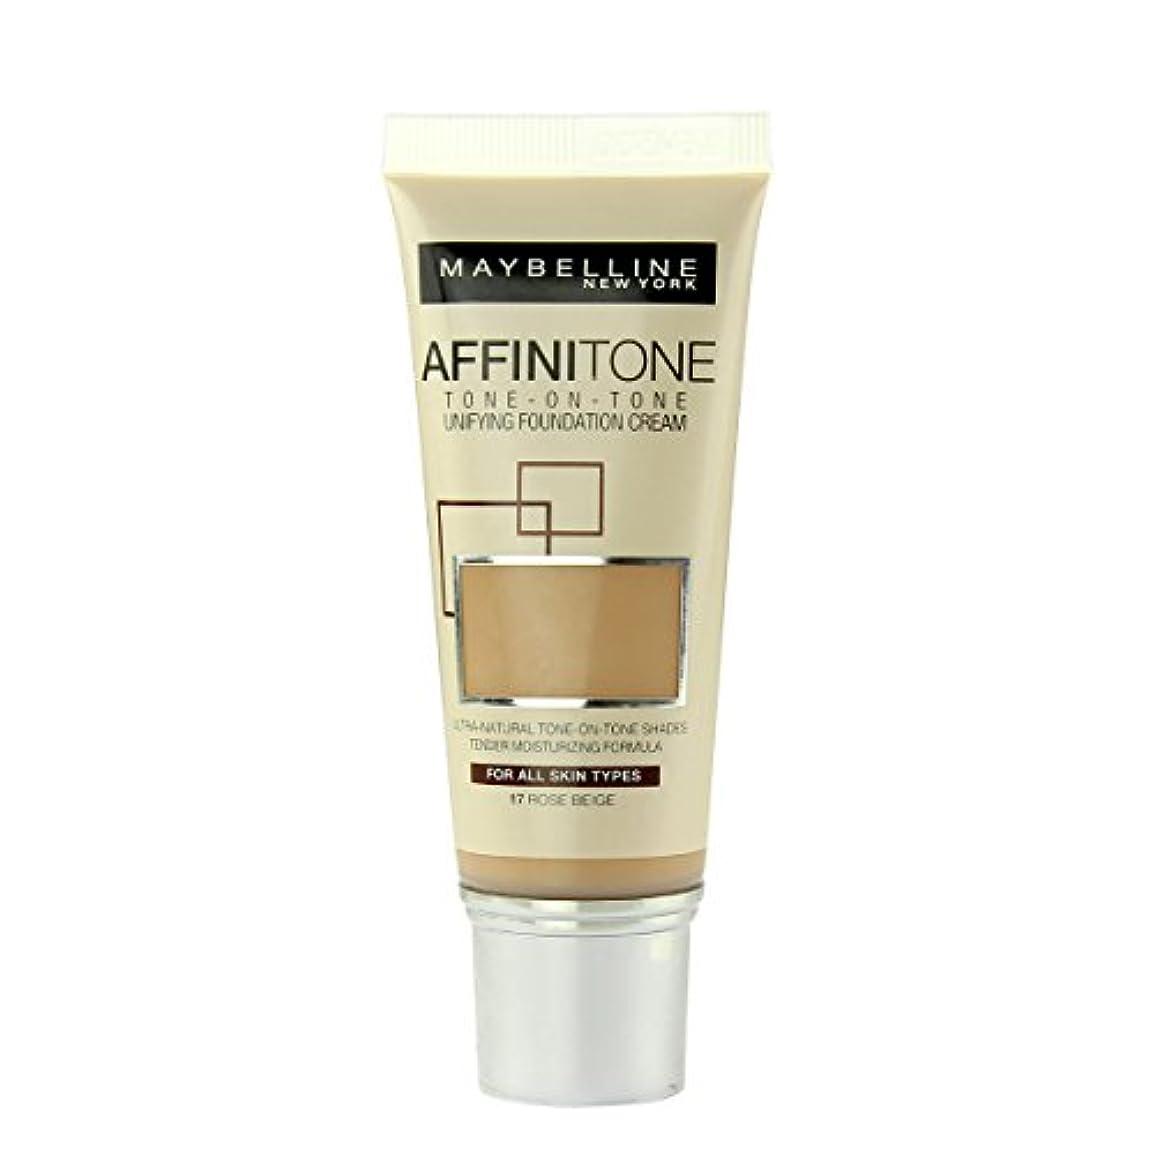 潮湿原仕事に行く(17 ROSE BEIGE) - Maybelline Affinitone Perfecting And Protecting Foundation 30ml-17 Rose Beige